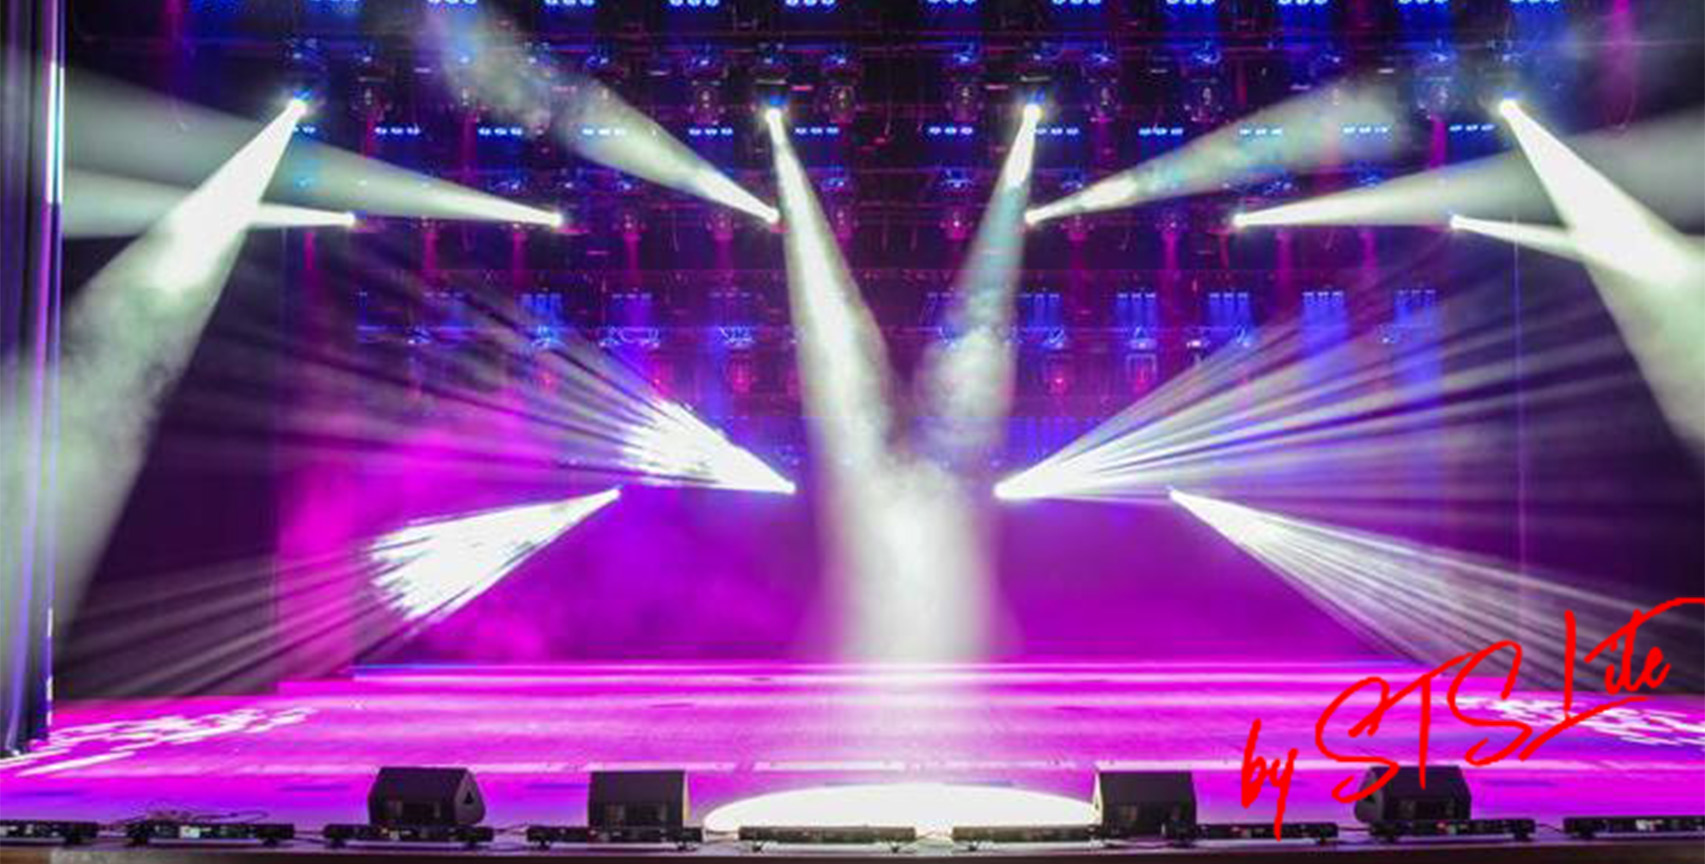 LED Matrix Lights